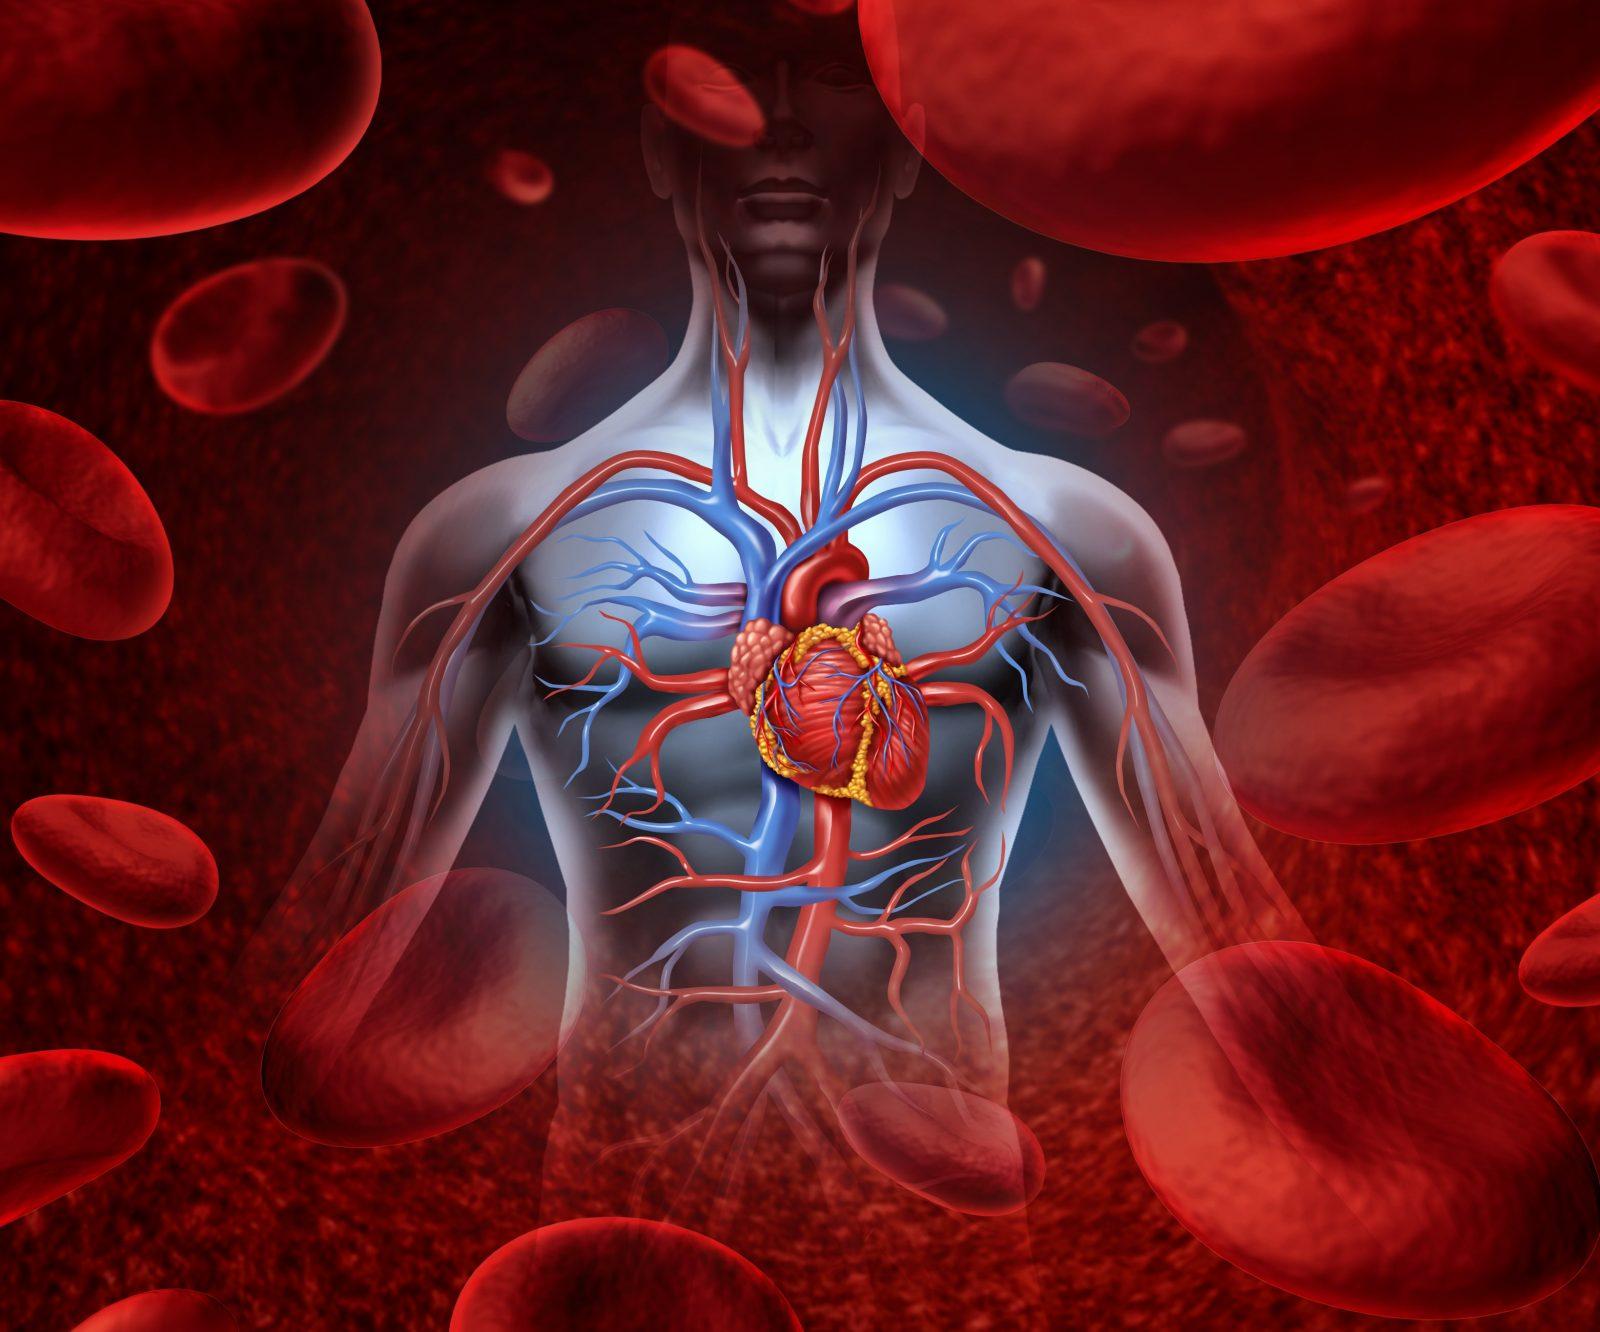 Человек и кровеносная система с сердечной мышцей